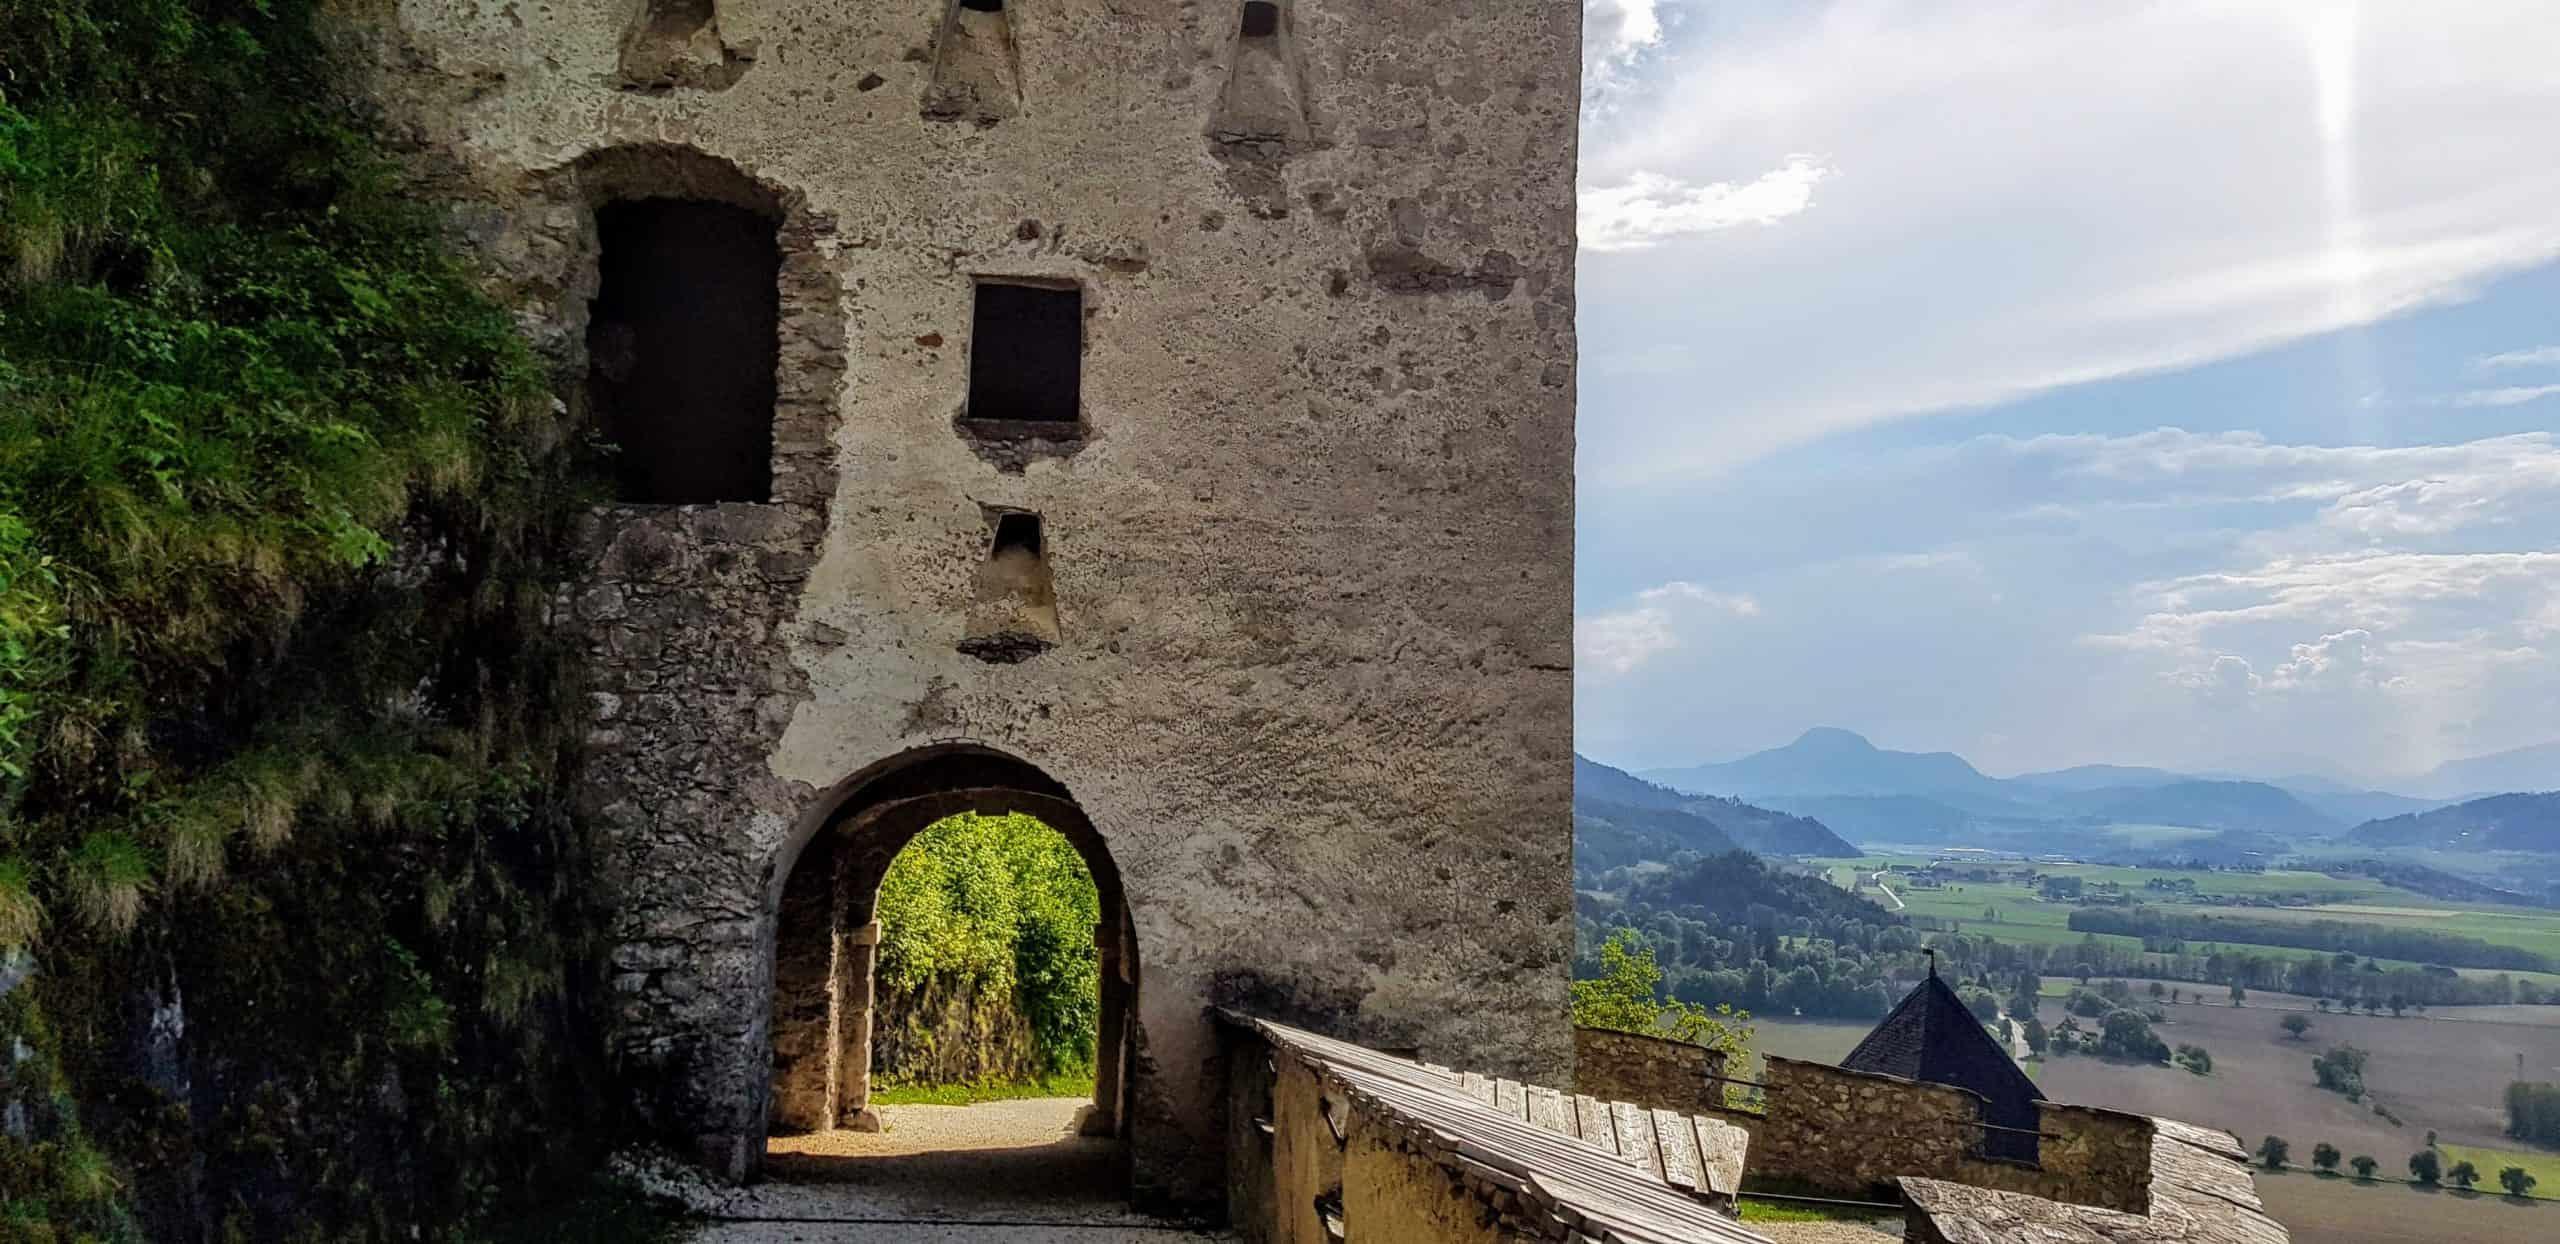 Waffentor - eines der 14 Burgtore der Burg Hochosterwitz in Österreich, Ausflugsziel Nähe St. Veit und Klagenfurt